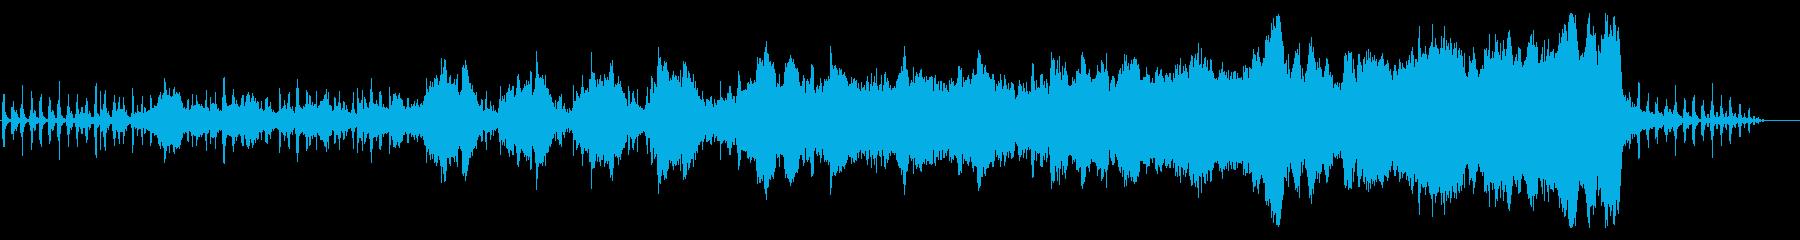 柔らかく幻想的なオーケストラ曲の再生済みの波形